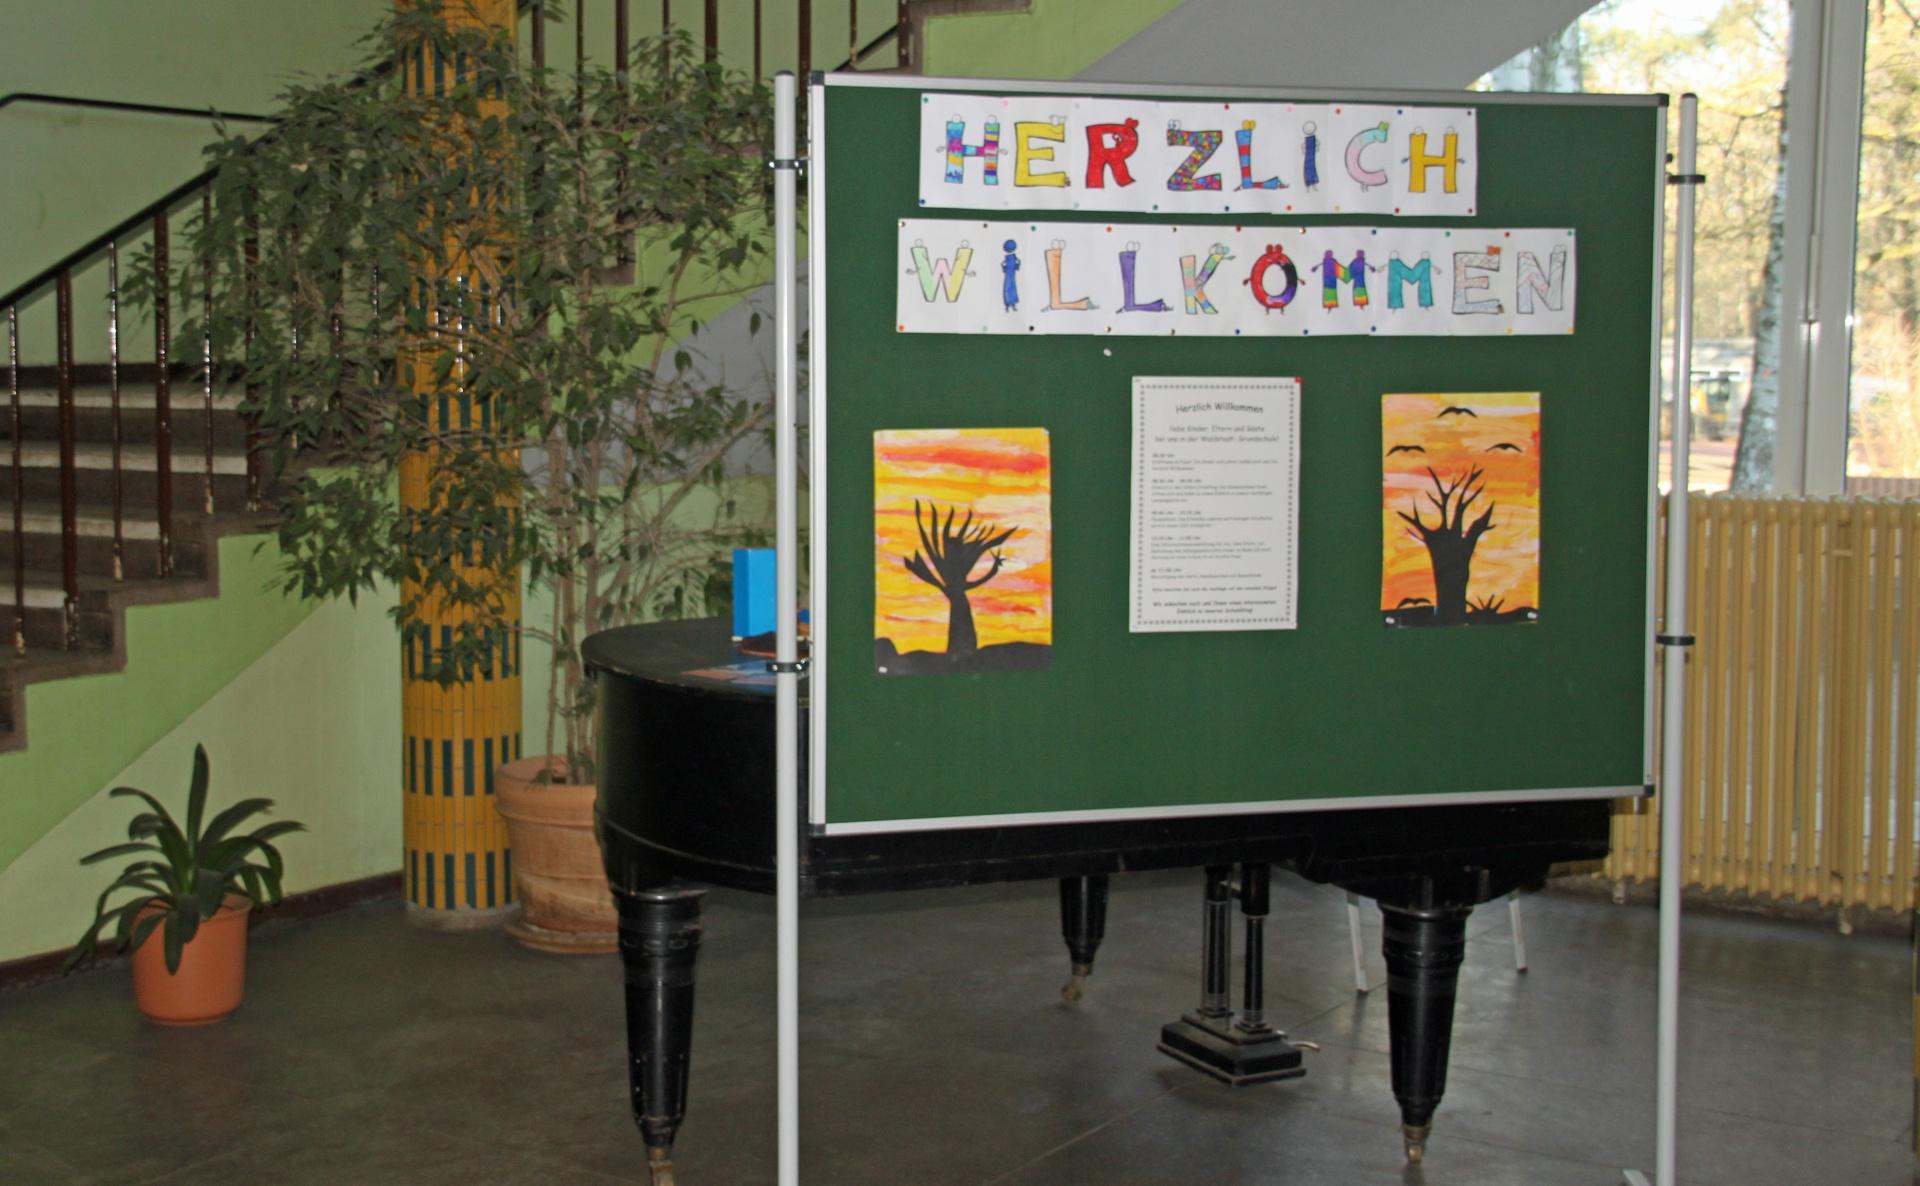 """Tafel mit der Aufschrift """"Herzlich Willkommen"""" im Schulfoyer"""